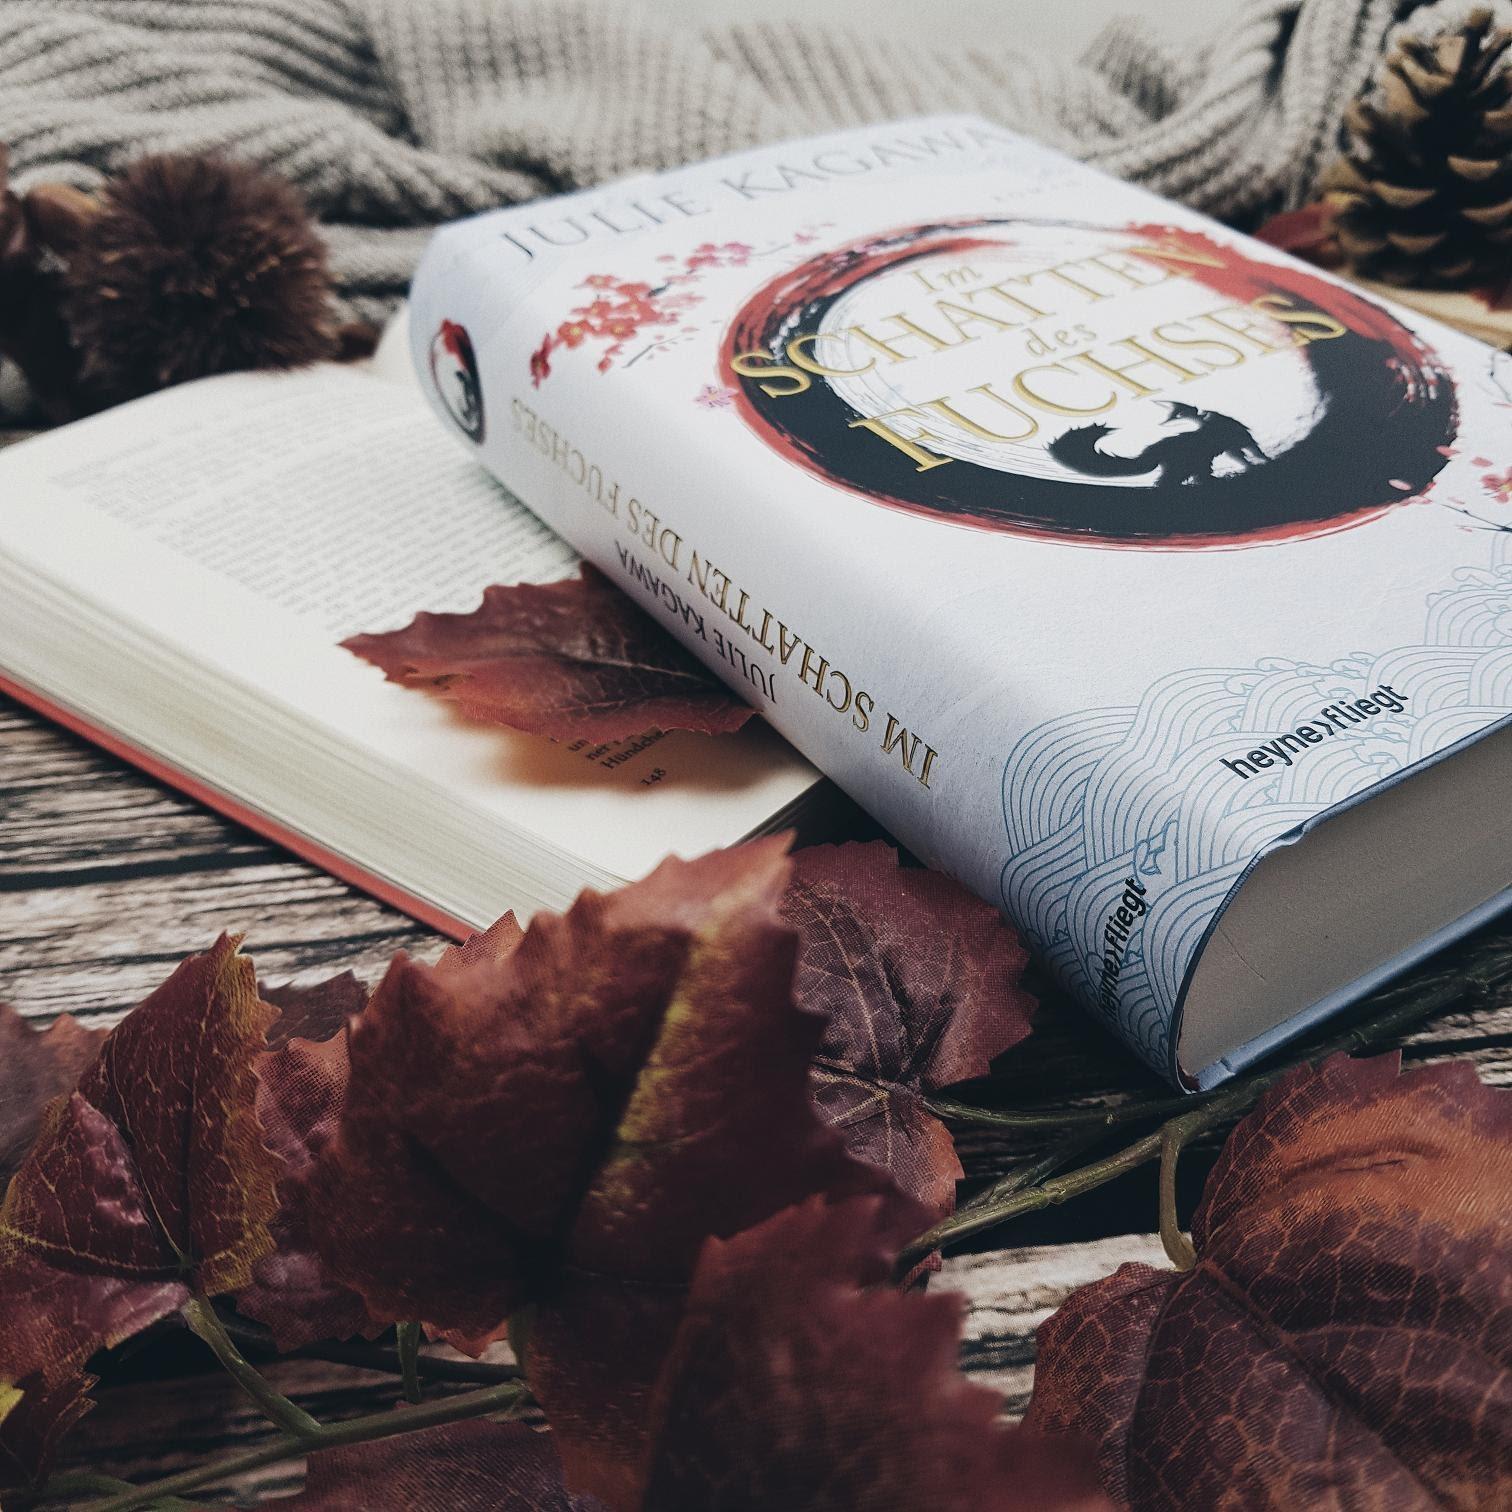 Bücherblog. Rezension. Buchcover. Im Schatten des Fuchses (Band 1) von Julie Kagawa. Jugendbuch. Fantasy. Heyne fliegt. ©Lisa B. | Prettytigers Bücherregal | prettytigerbuch